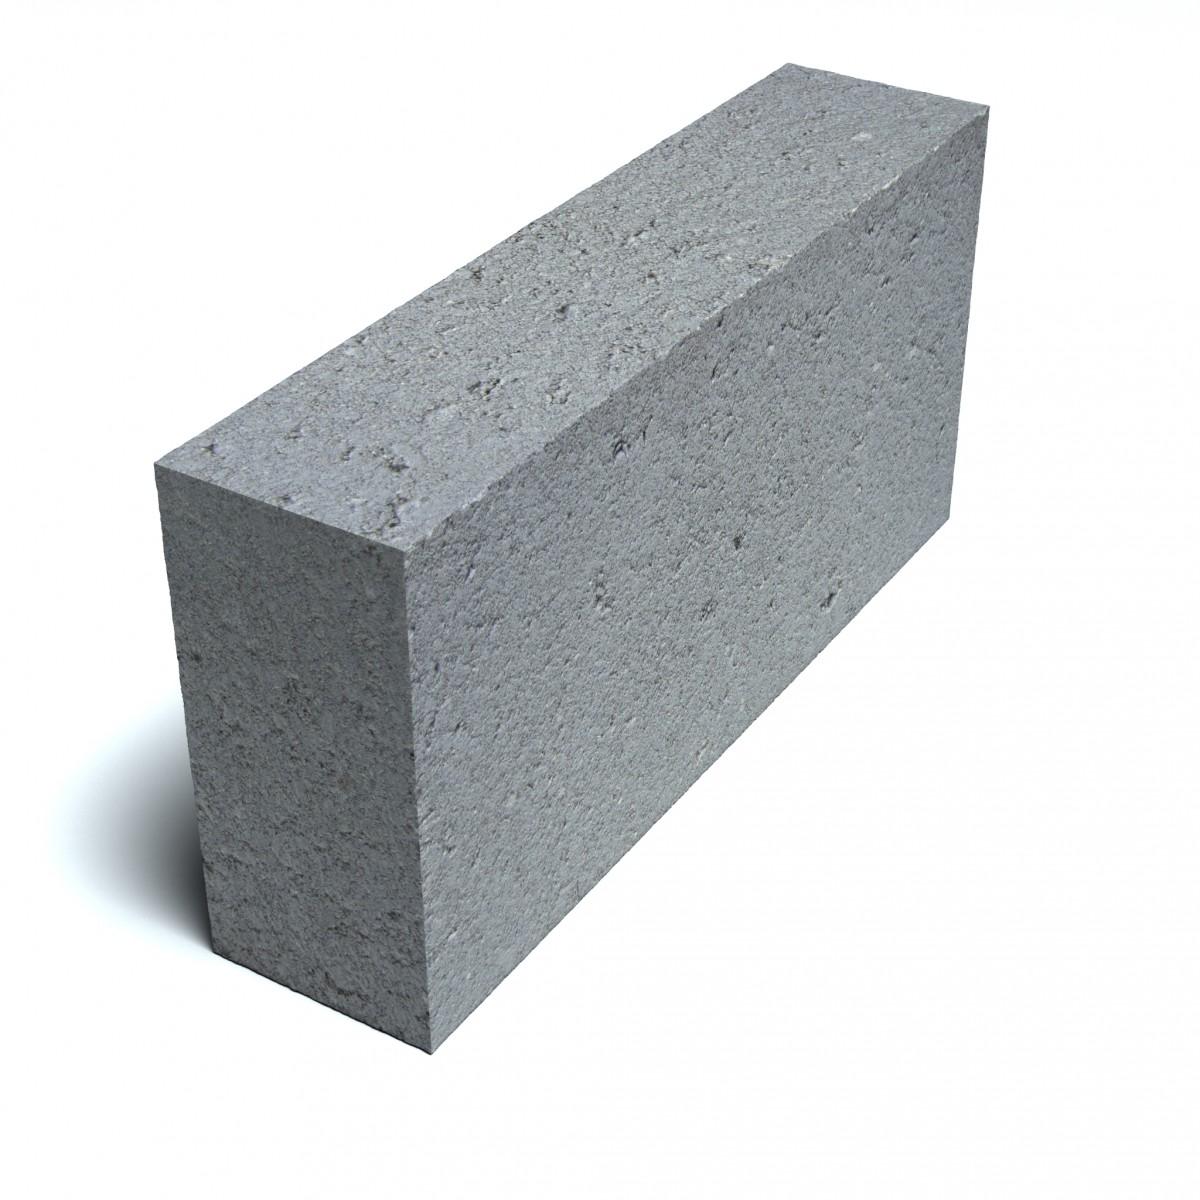 Блок  перегородочный пескобетонный полнотелый СКМ 2 КПР-ПР-ПЛ-39-100-F50-2140  перегородочный